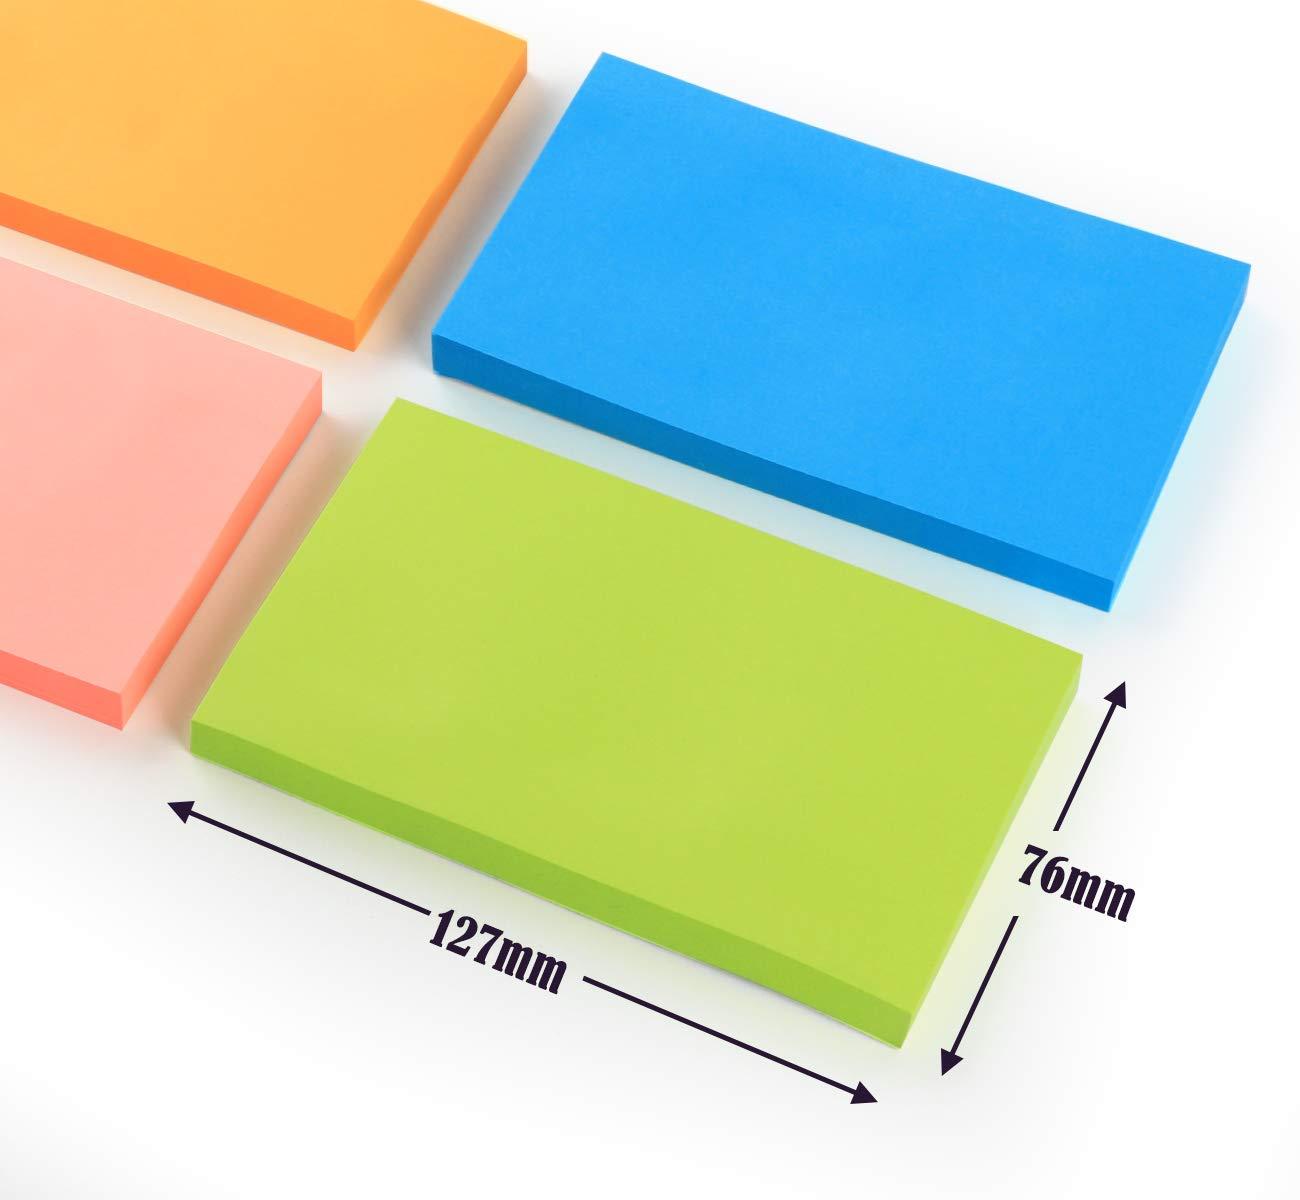 per ufficio e casa 1000 fogli in totale 10 blocchetti adesivi per appunti 76 x 127 mm colorati 10 colori